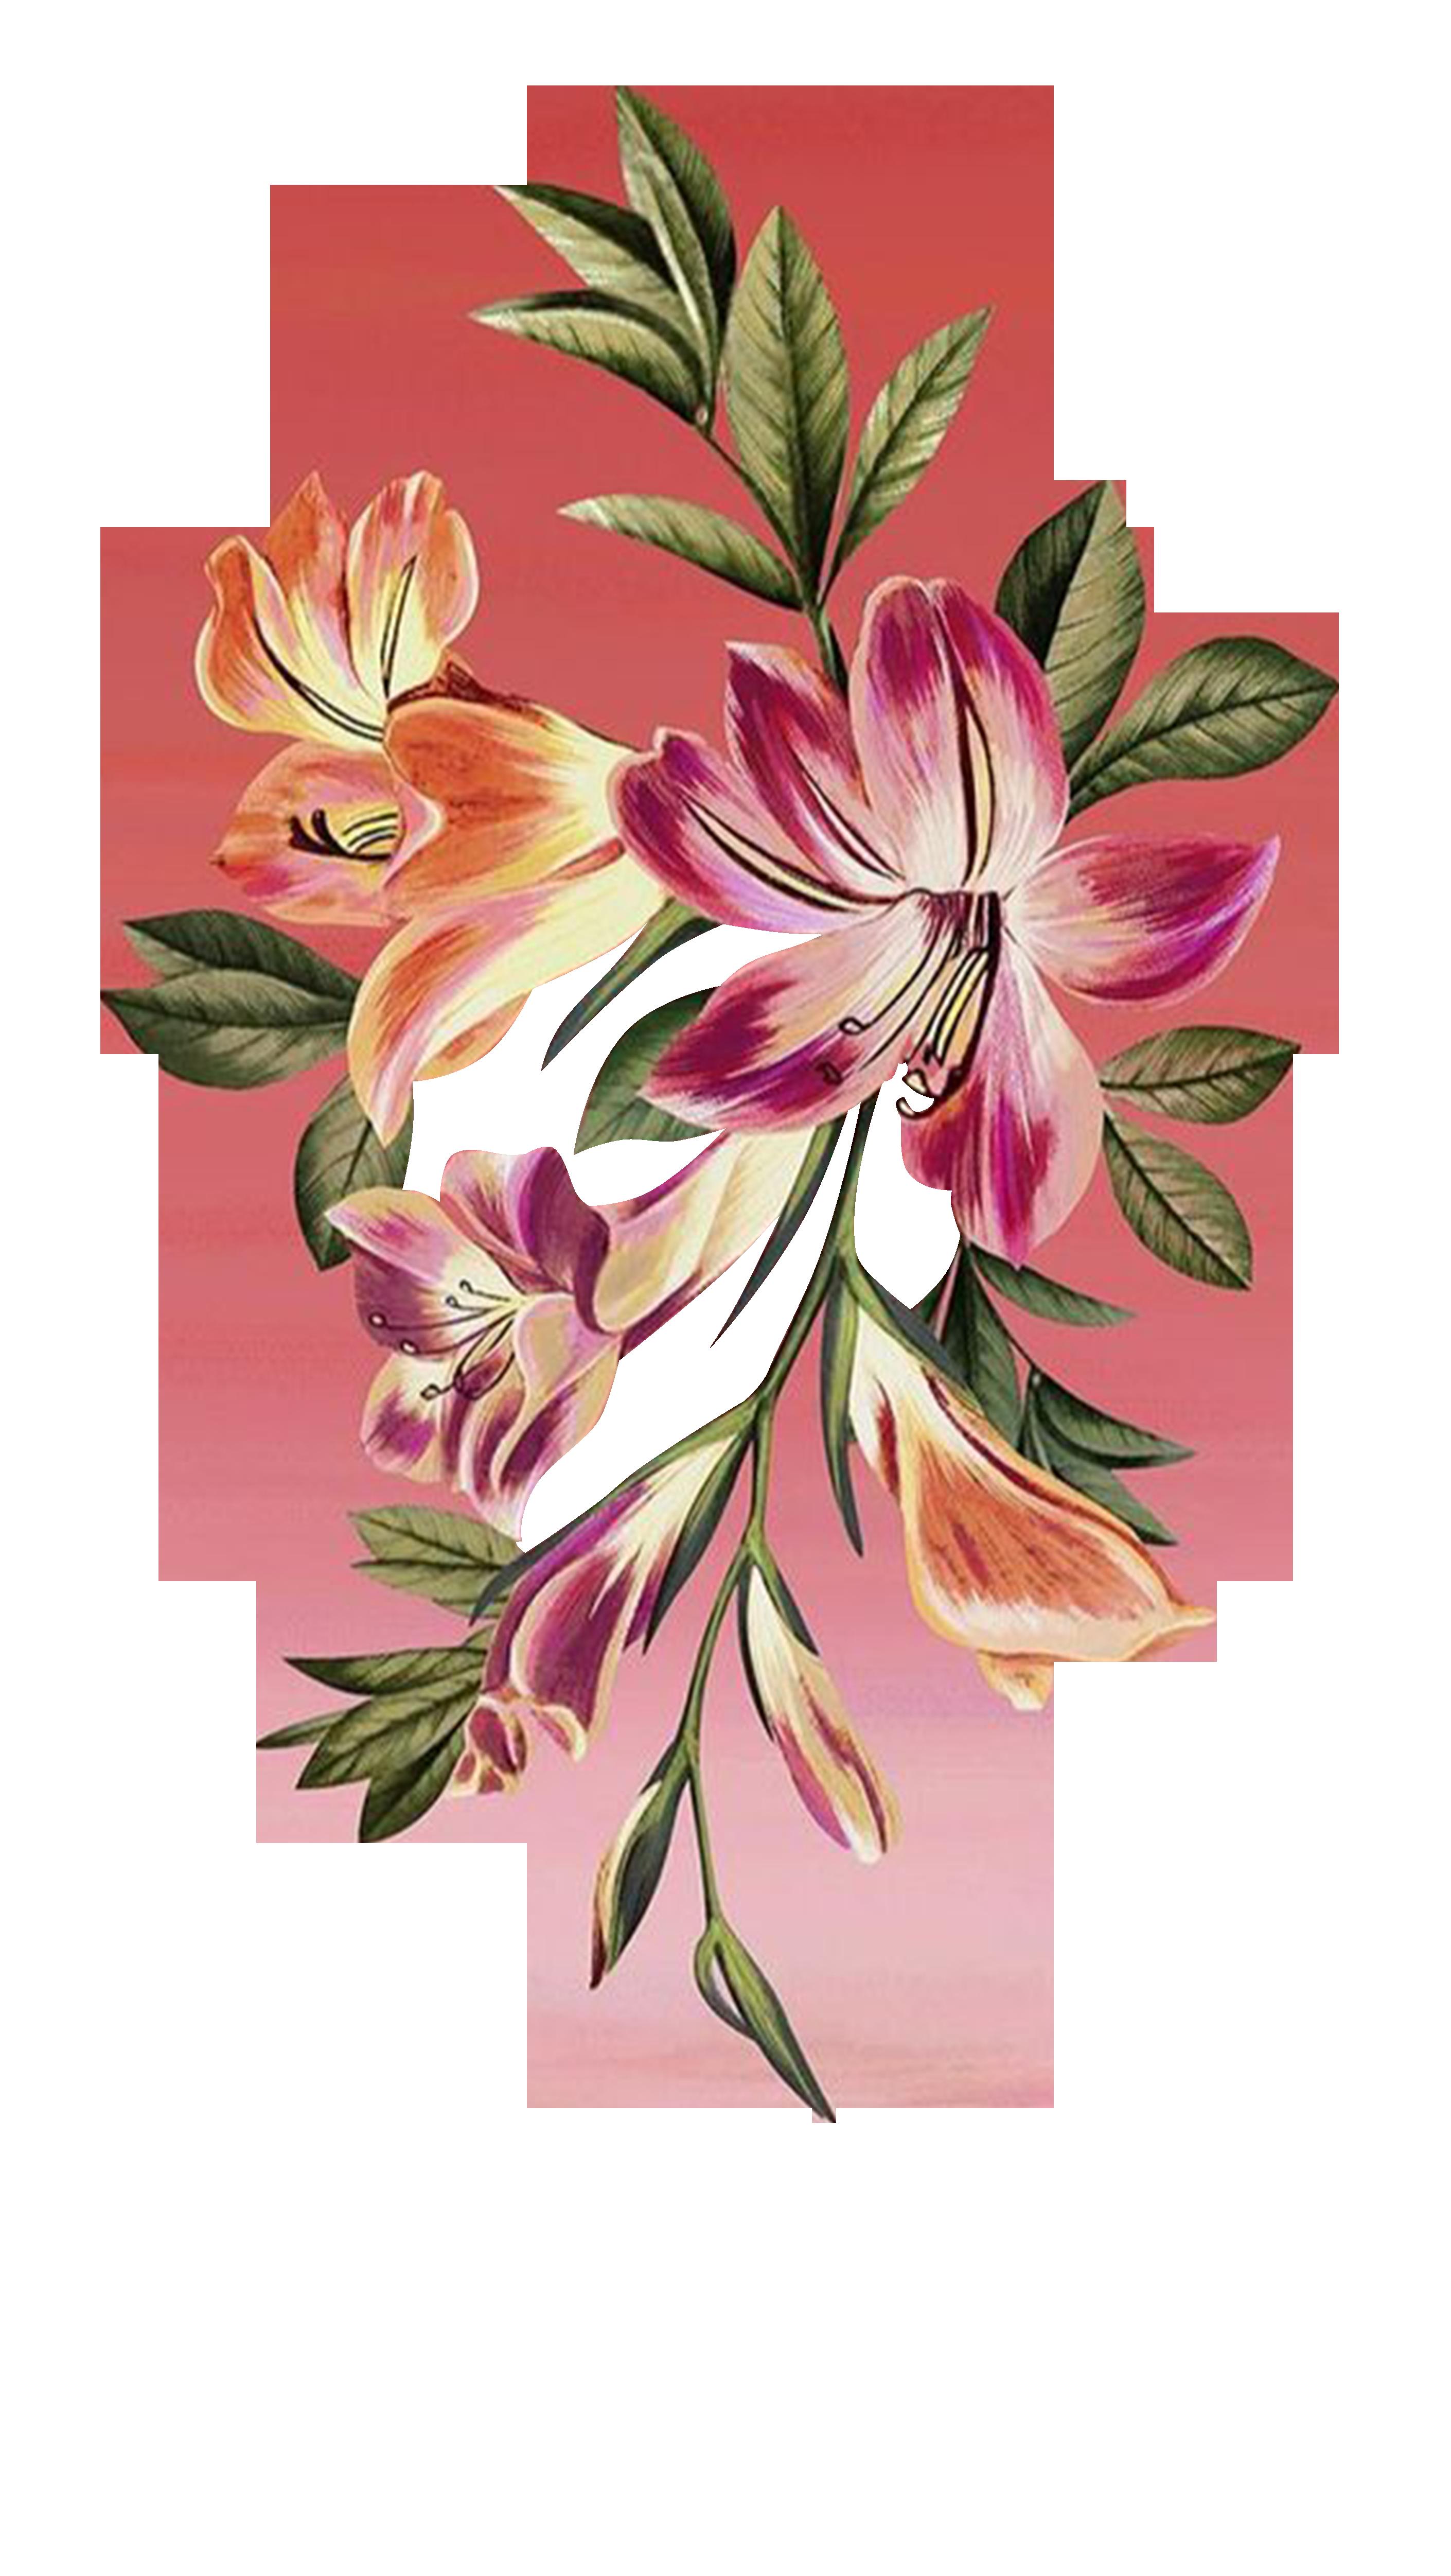 Pin By Umair On Umair Flower Art Images Digital Flowers Flower Art